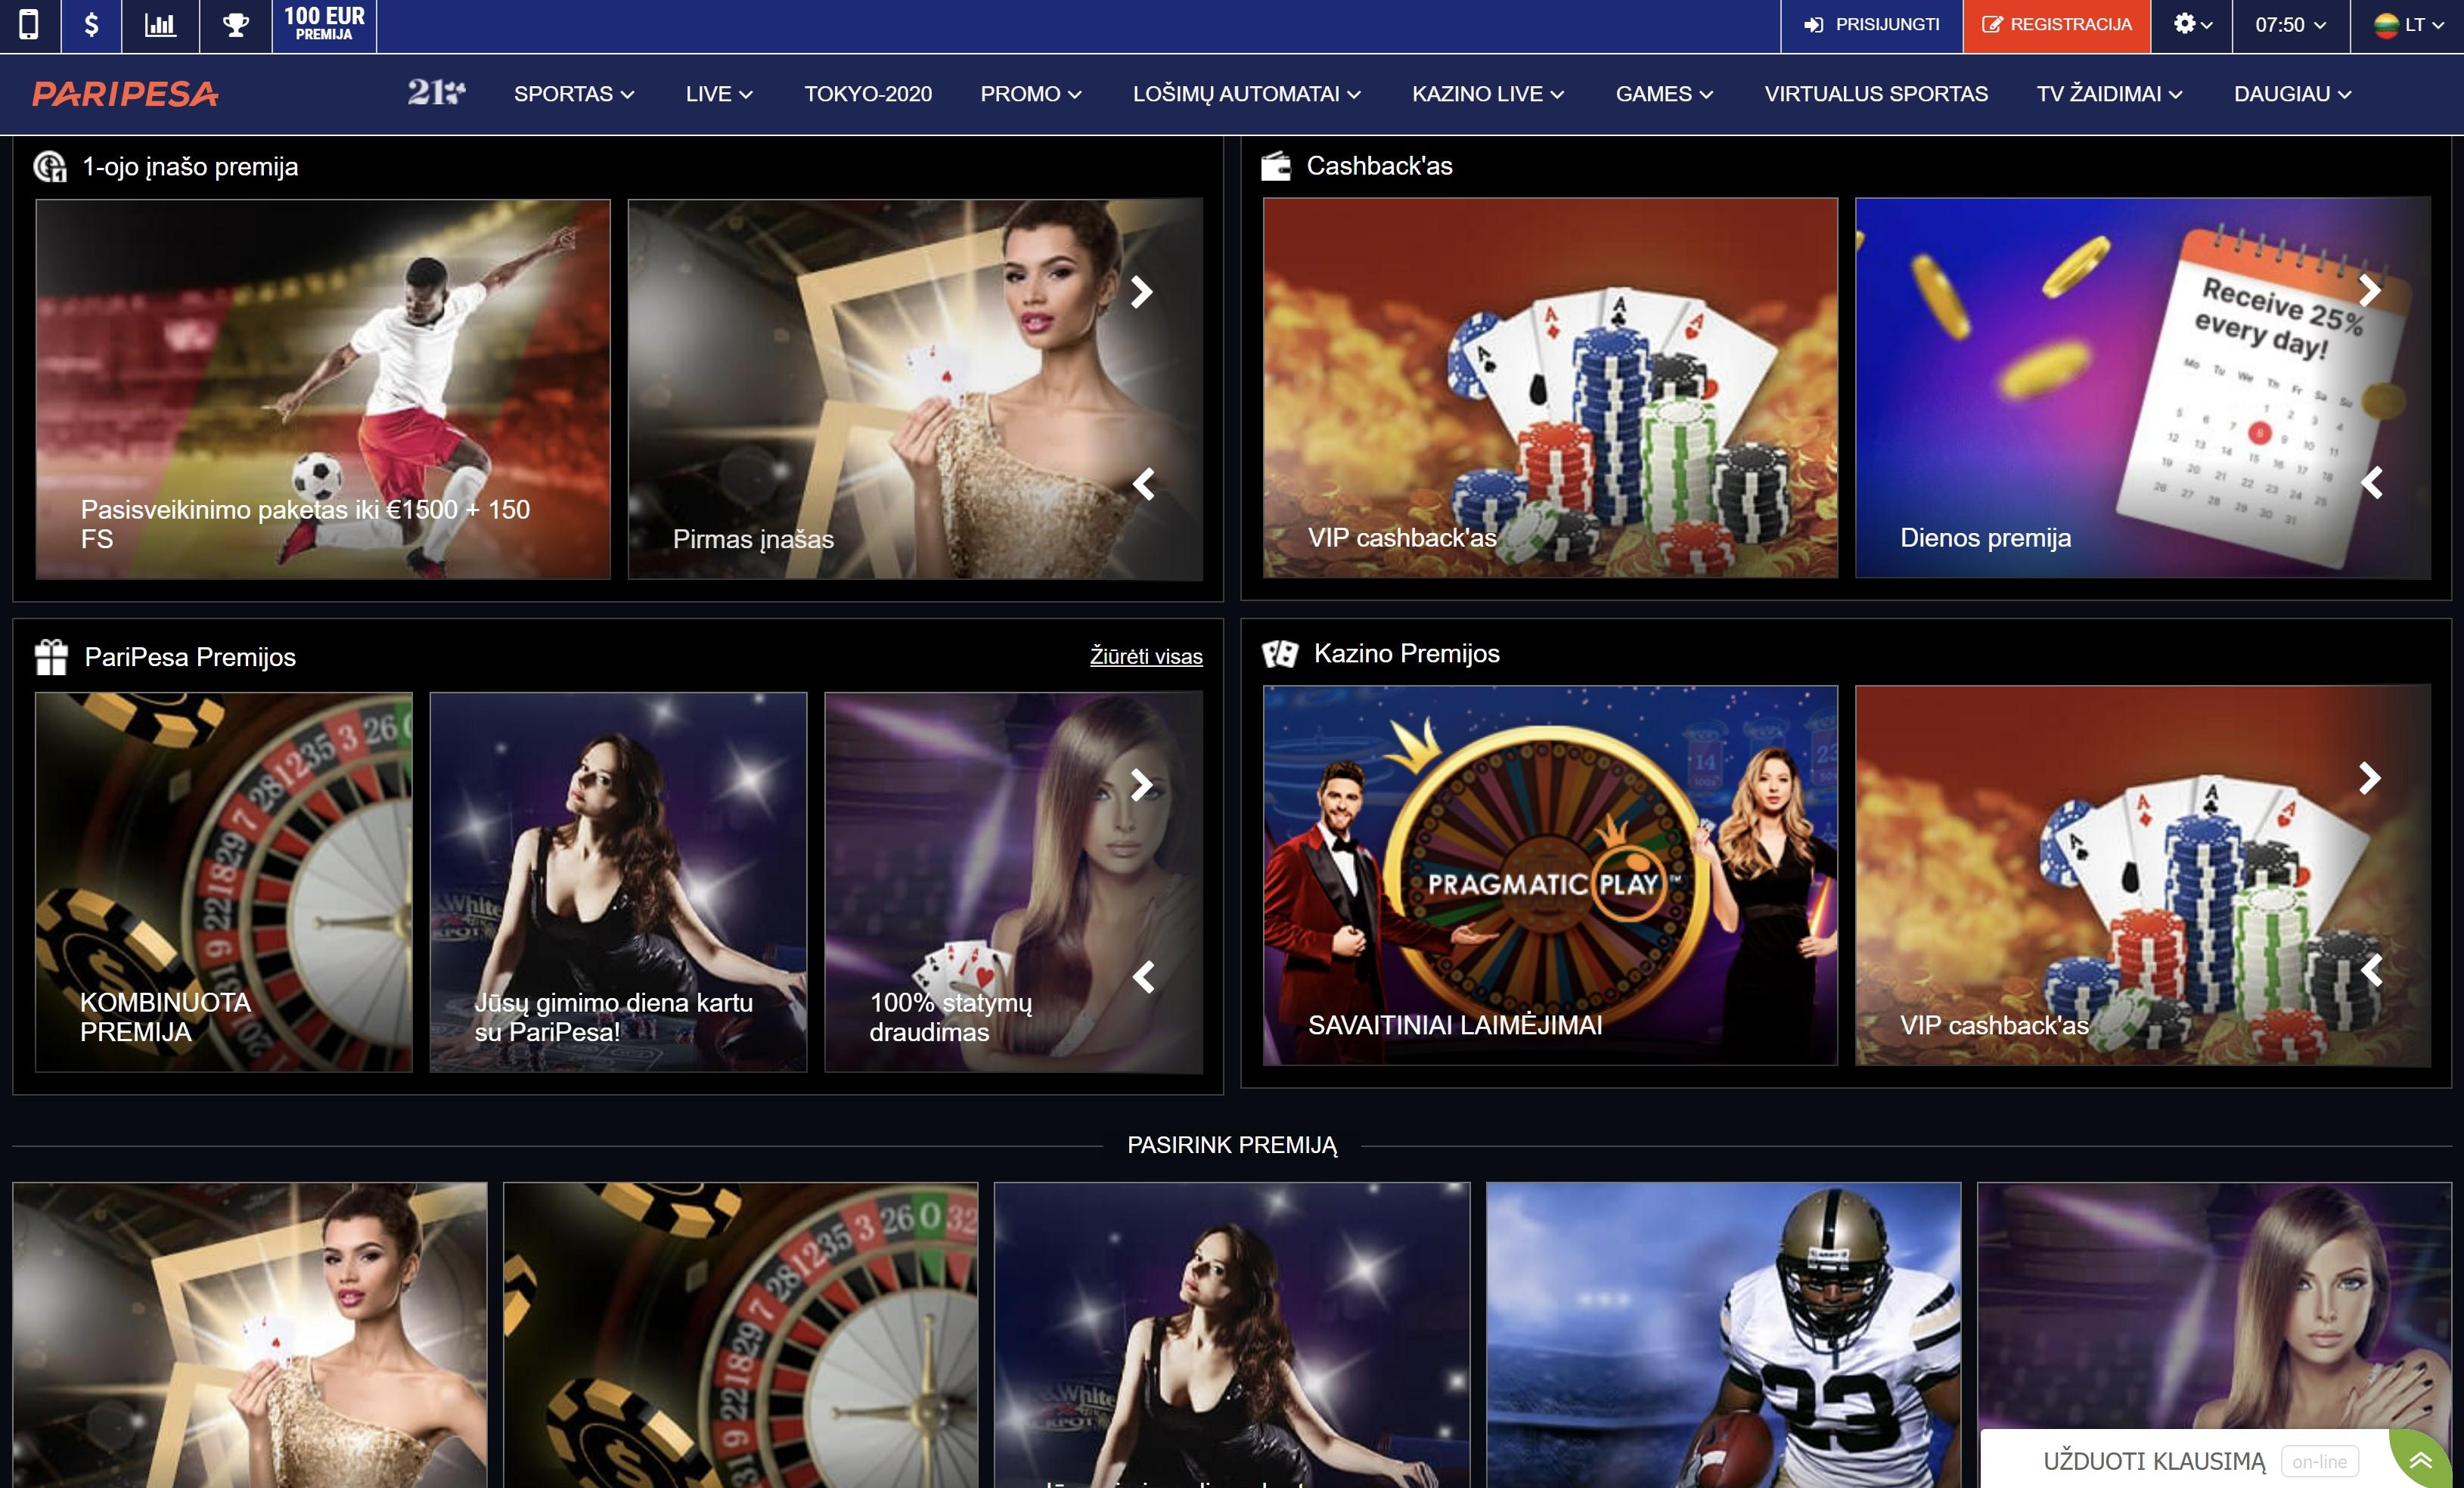 paripesa casino bonus promo code premija - pasveikinimo paketas iki 1500€